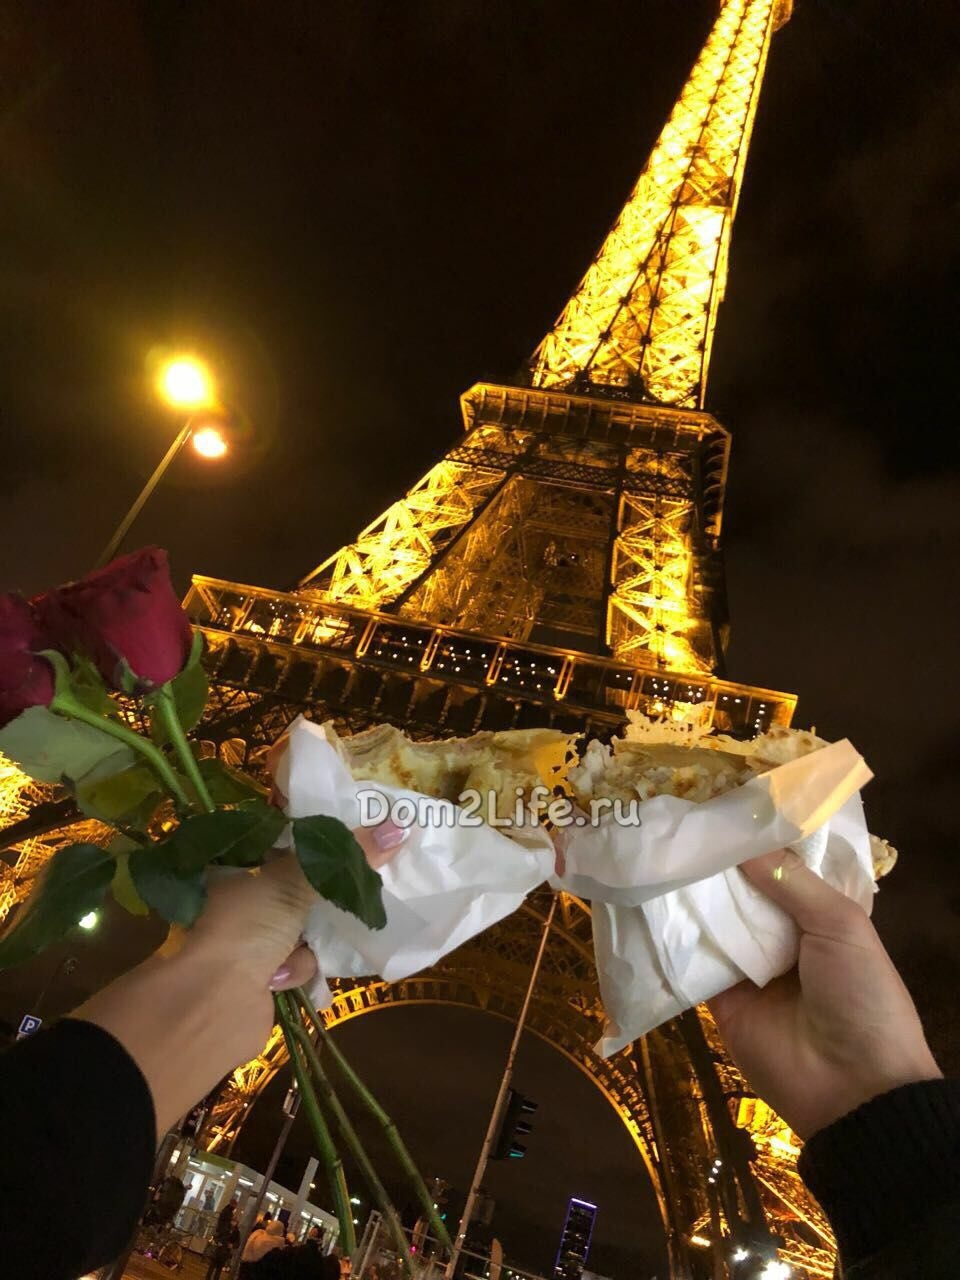 Влюбленные уже побывали в ПарижеФото: Архив сайта Dom2Life.ru